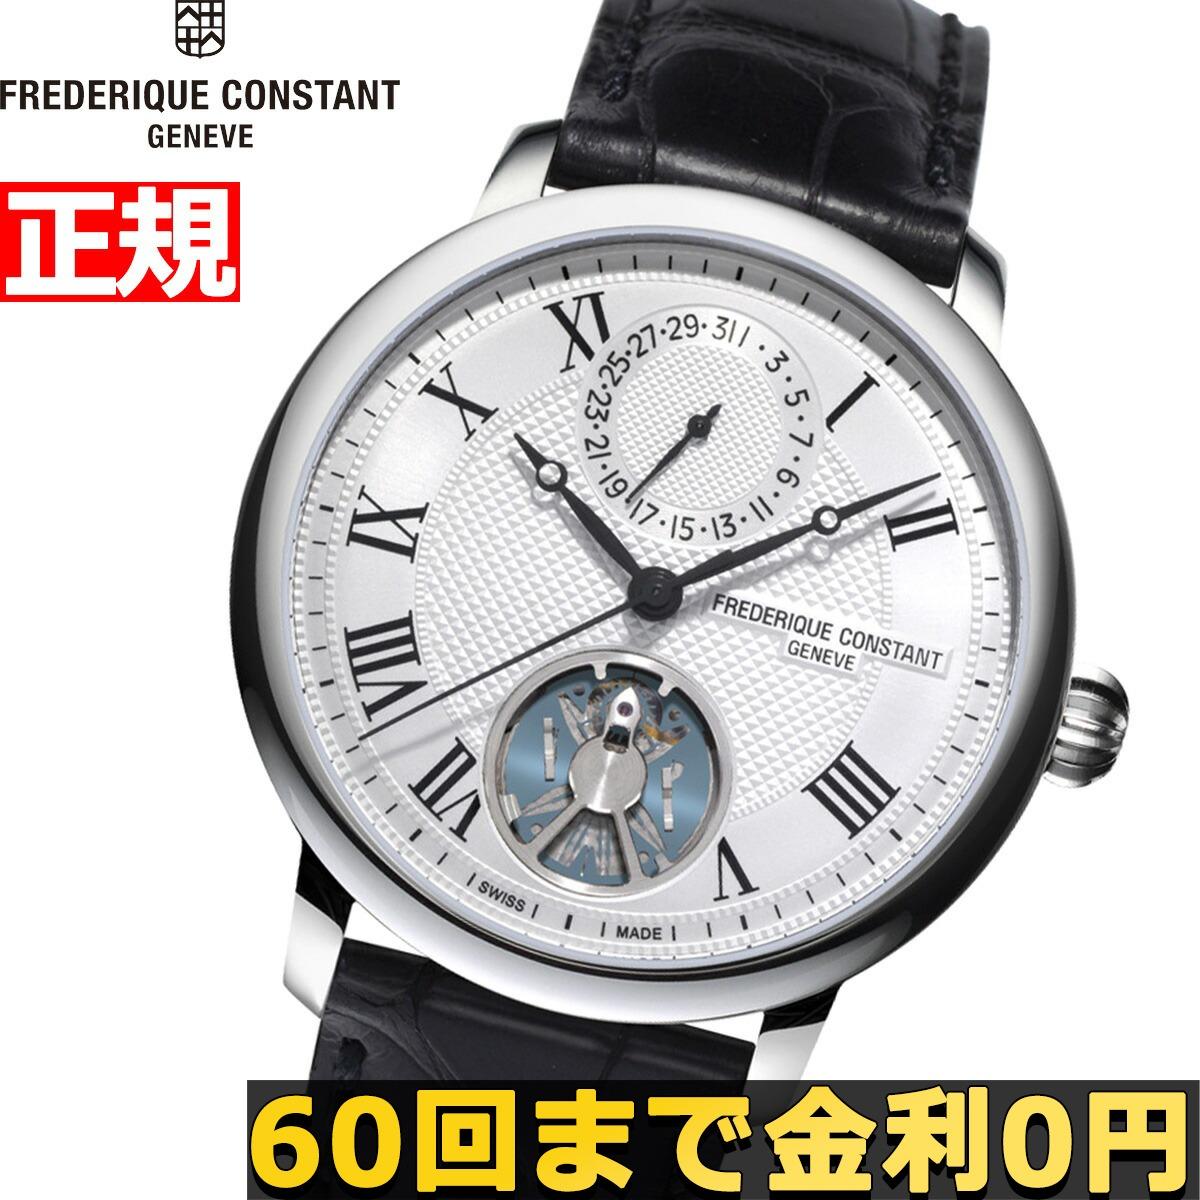 フレデリック・コンスタント FREDERIQUE CONSTANT スリムライン モノリシック マニュファクチュール 限定モデル 腕時計 メンズ 自動巻き オートマチック FC-810MC3S6